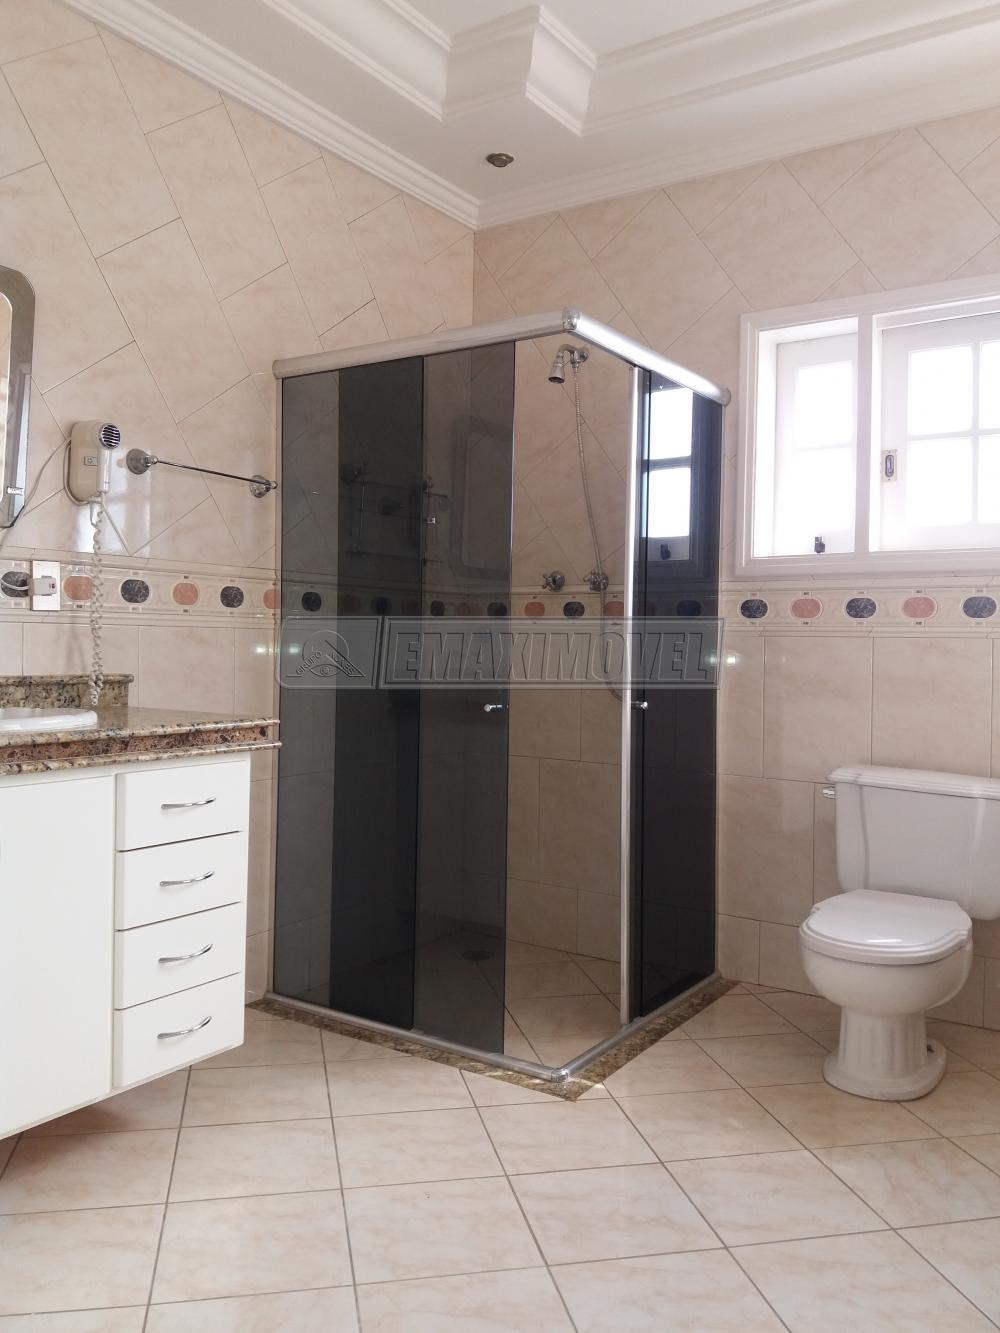 Alugar Casas / em Condomínios em Sorocaba apenas R$ 2.800,00 - Foto 31